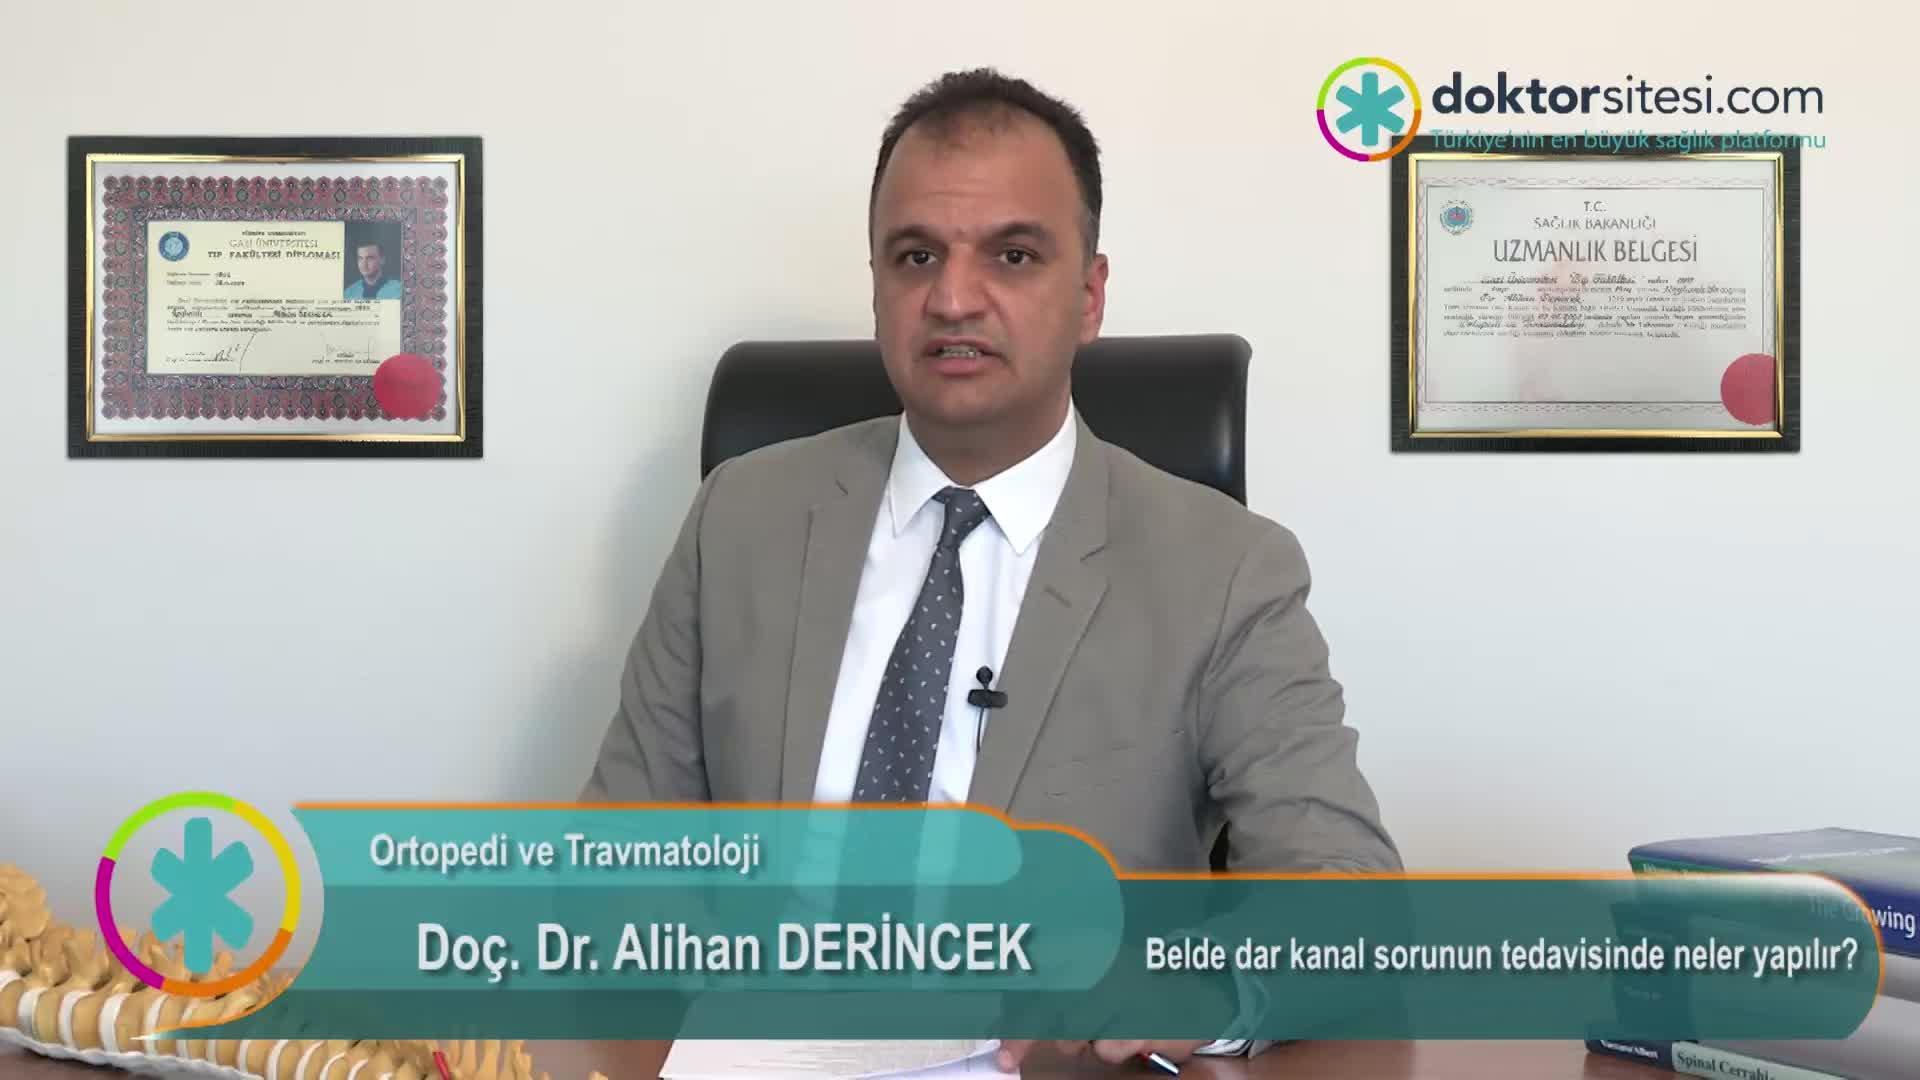 """Belde dar kanal sorunun tedavisinde neler yapılır? """"Prof. Dr. Alihan  DERINCEK"""""""